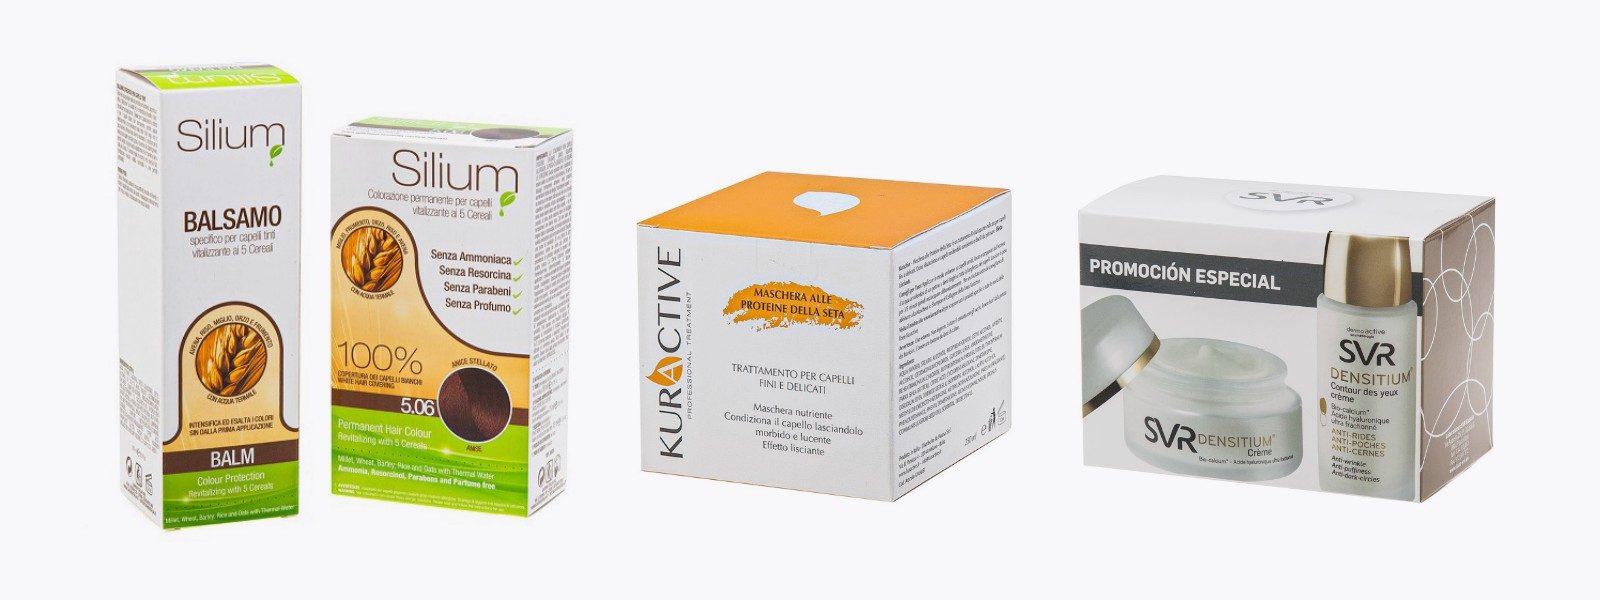 packaging_parafarmaceutico_03